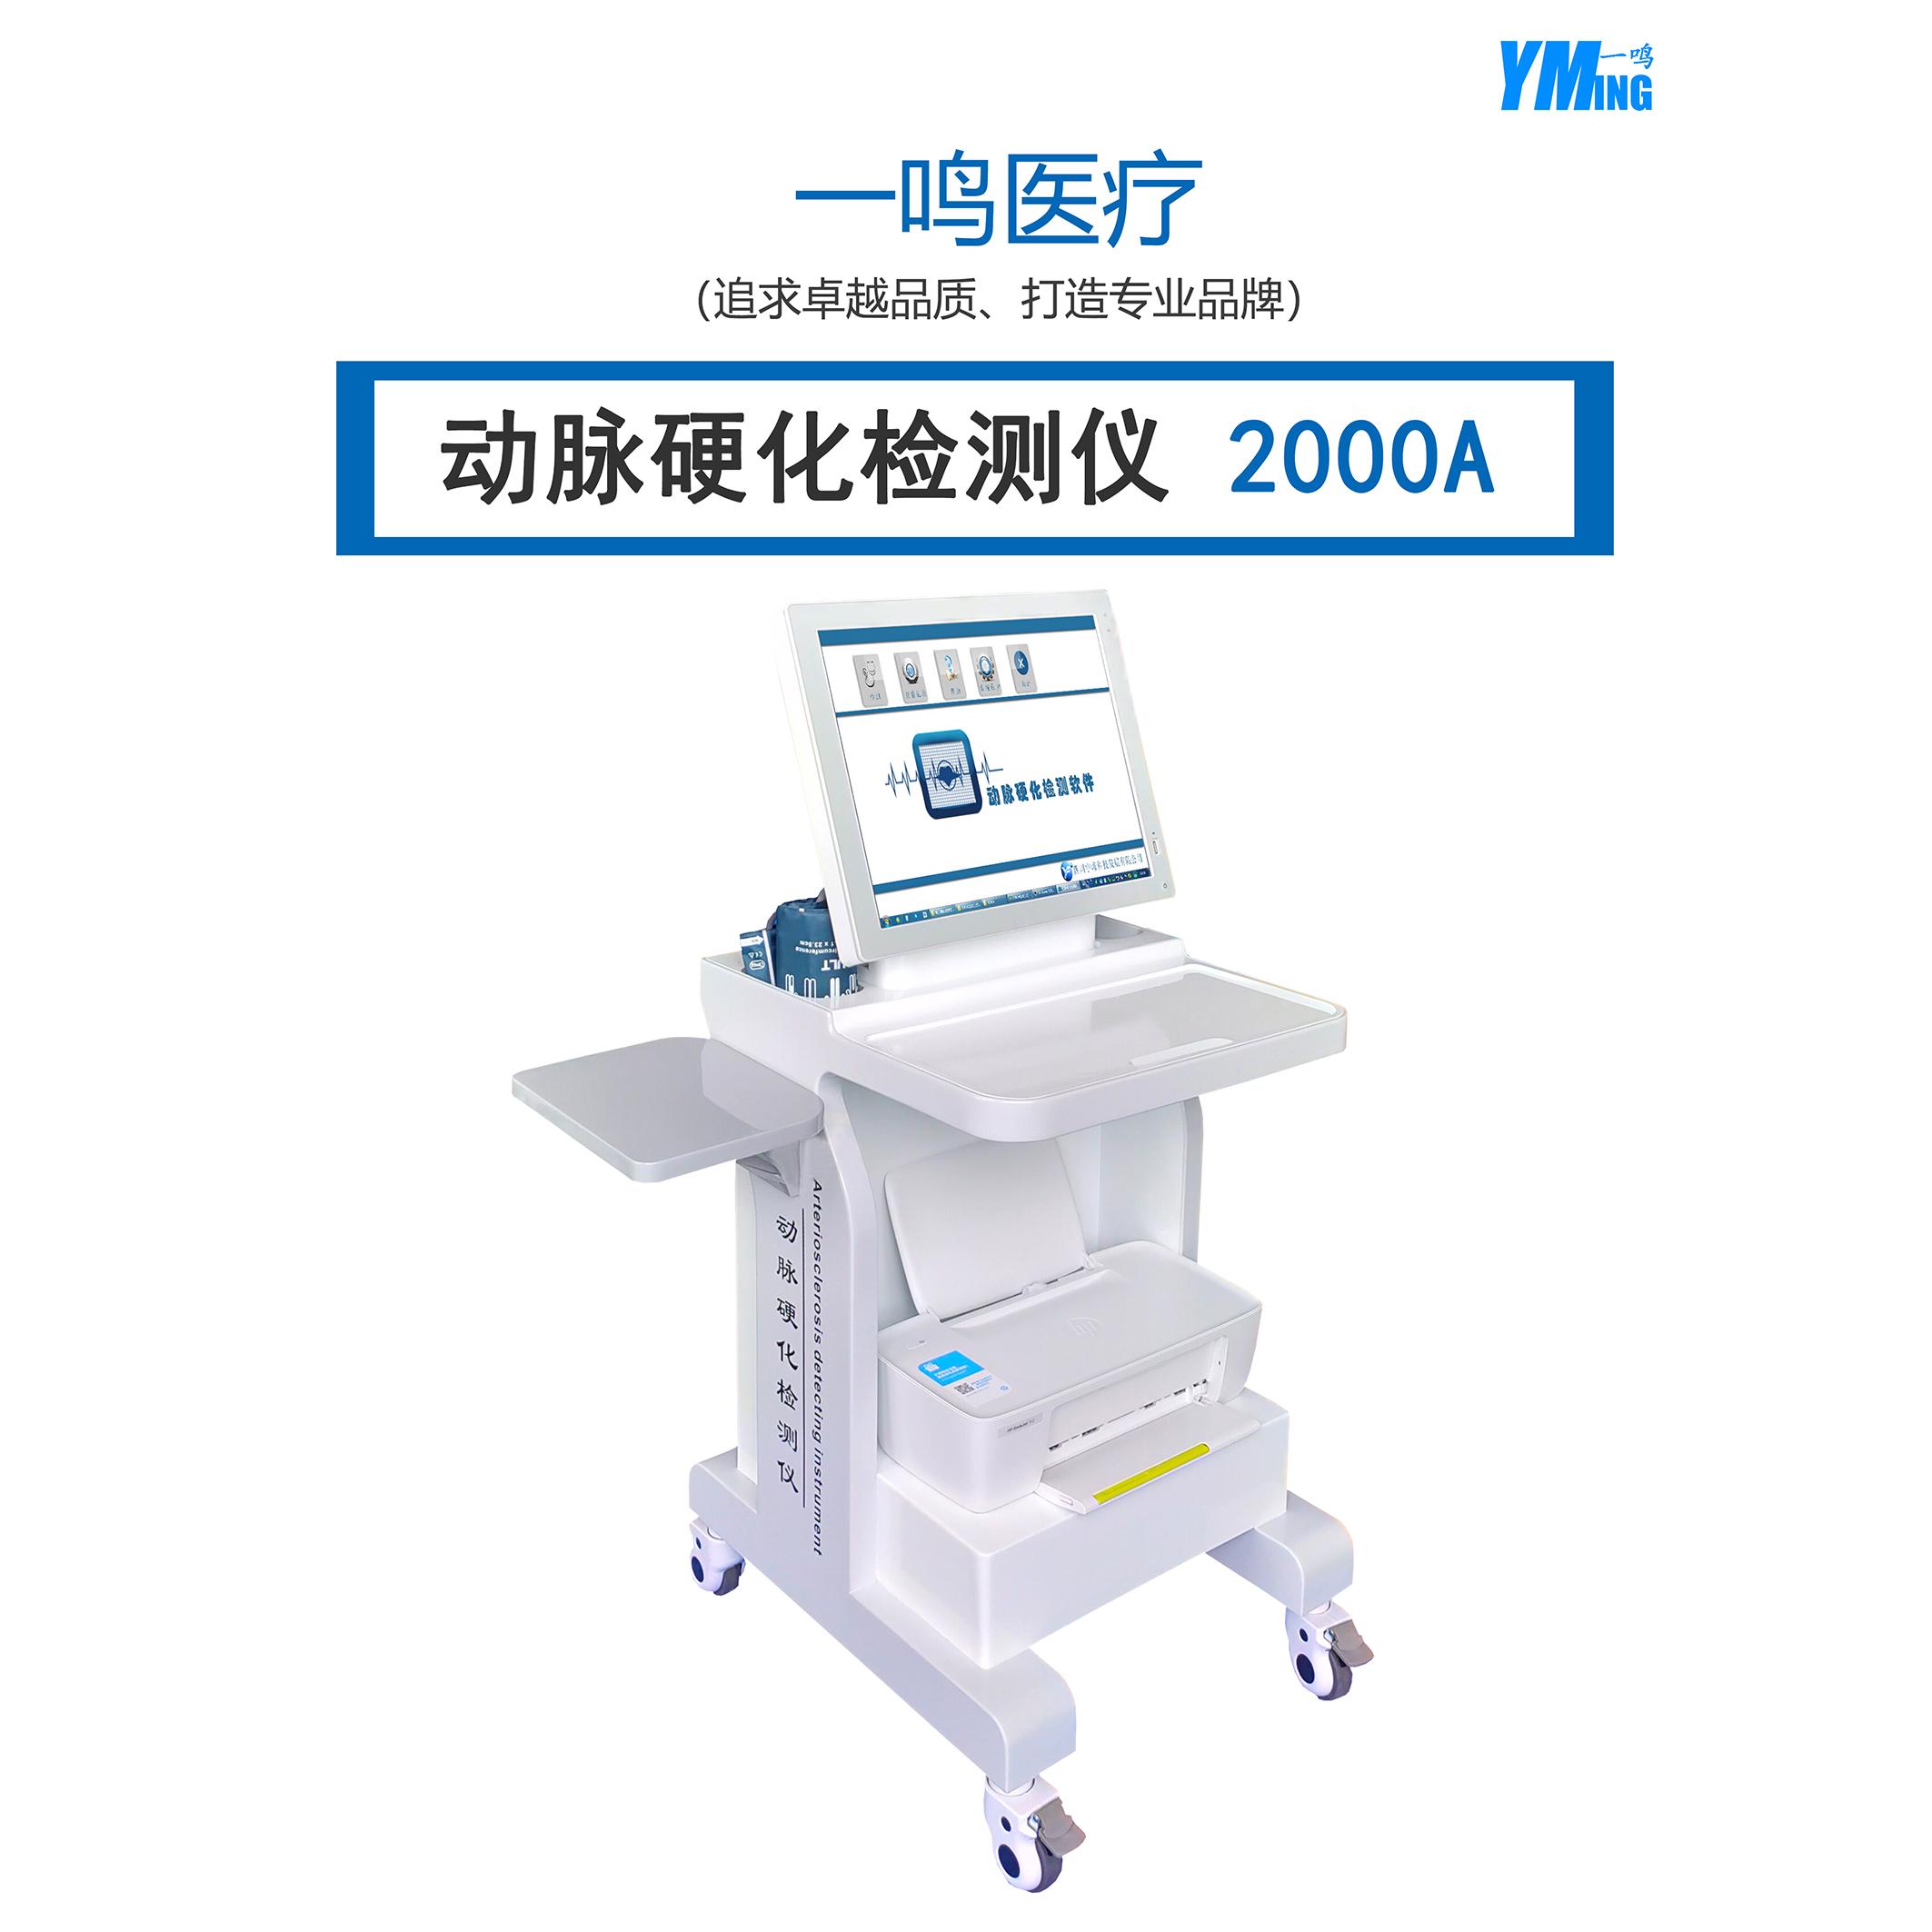 动脉硬化检测仪 YF/XGYD2000A